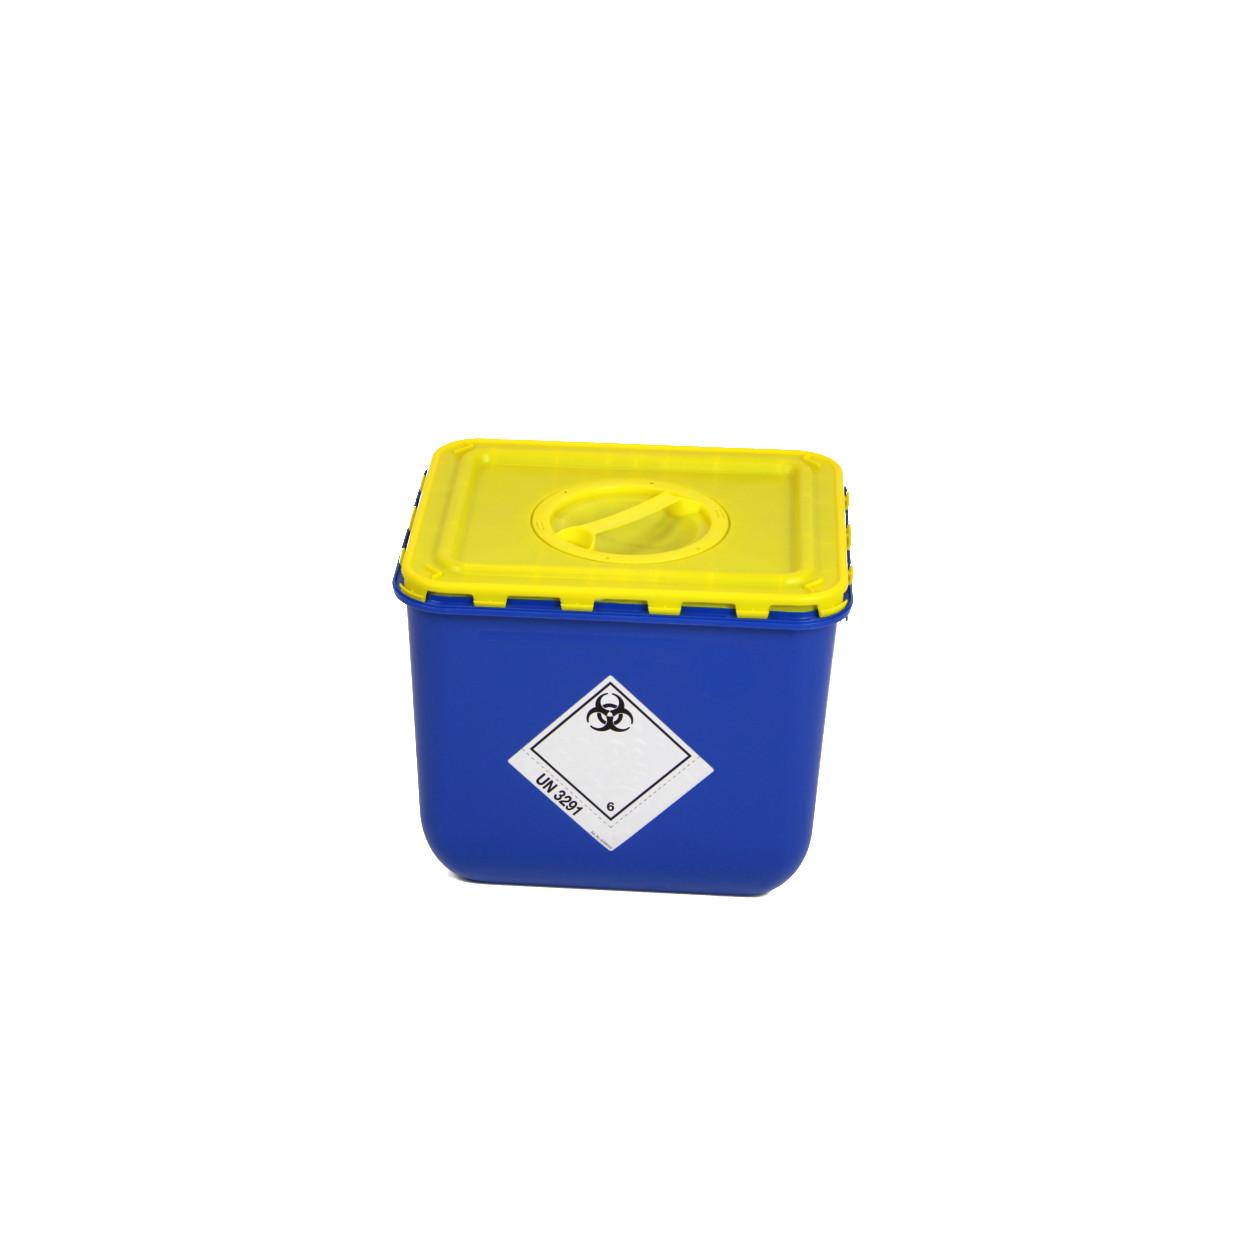 Box s víkem s otvorem na sběr biologického odpadu - 30 l